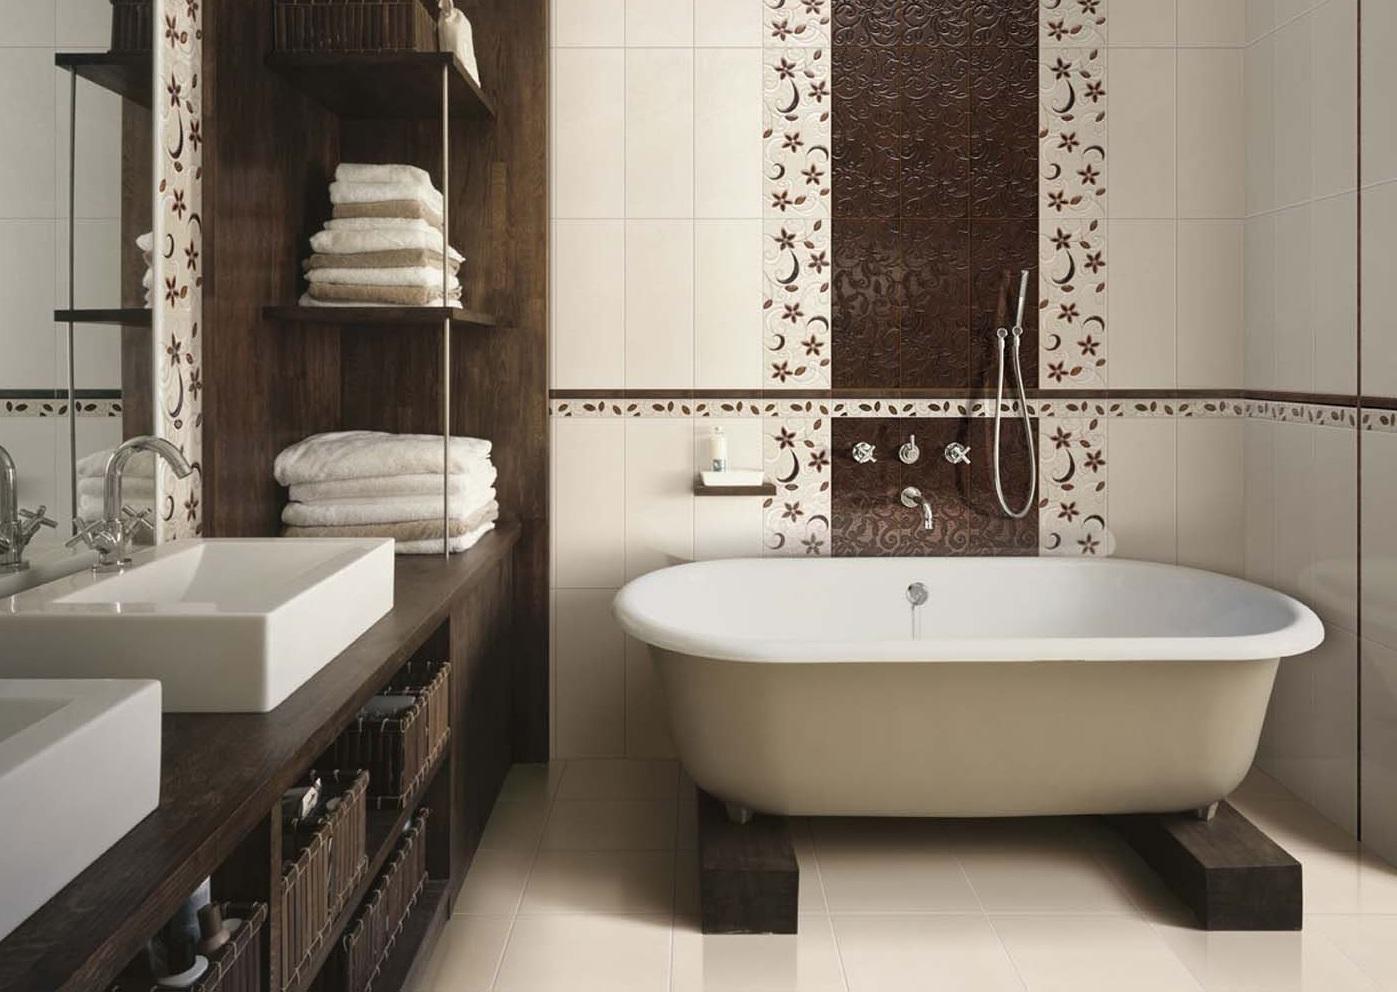 Коллекции ванных комнат фото кран для смесителя в ванной купить в